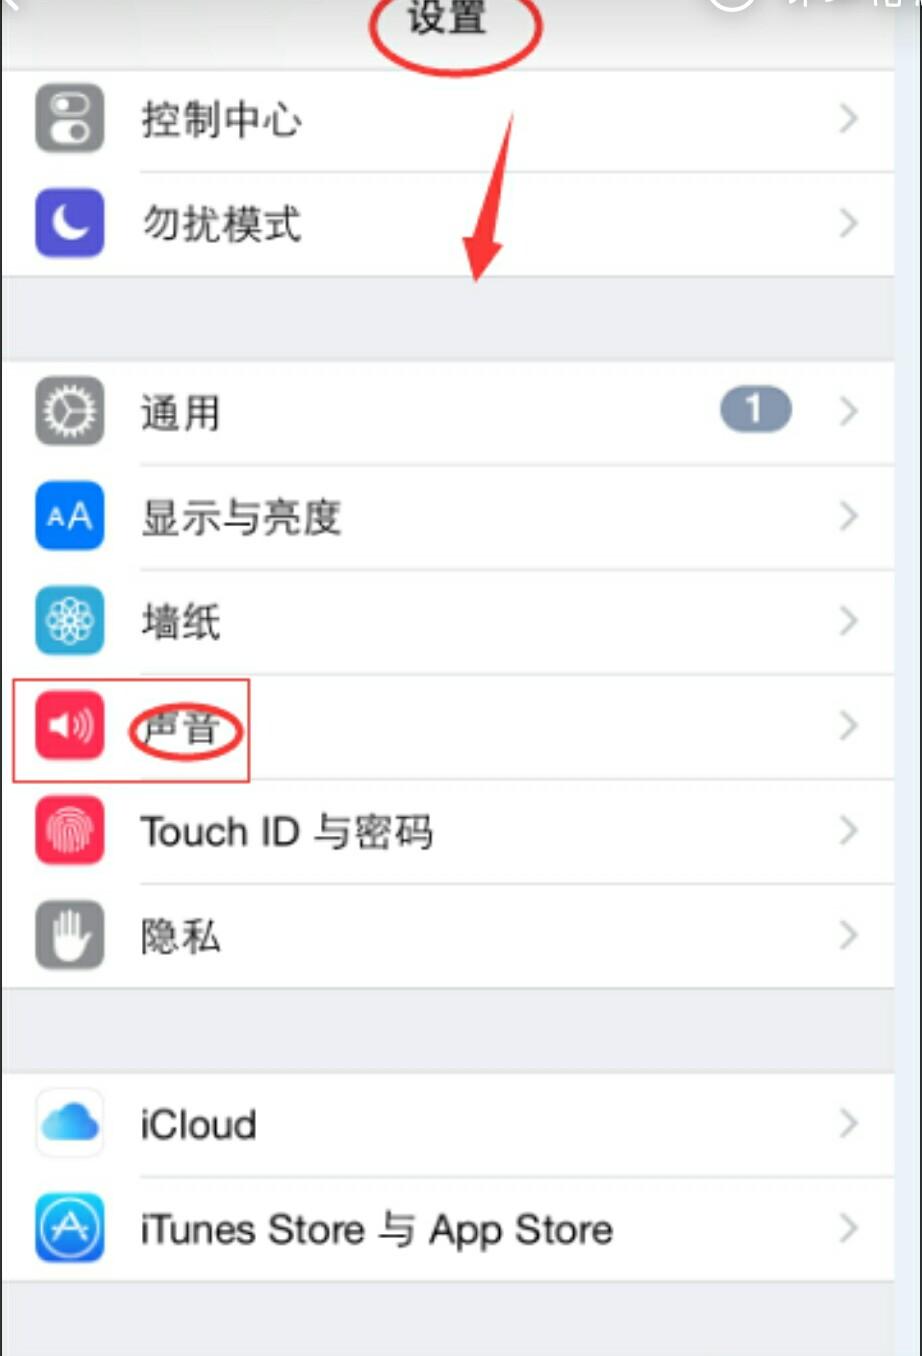 大多数苹果用户都是用的默认铃声,这是为什么呢?今天算弄明白了